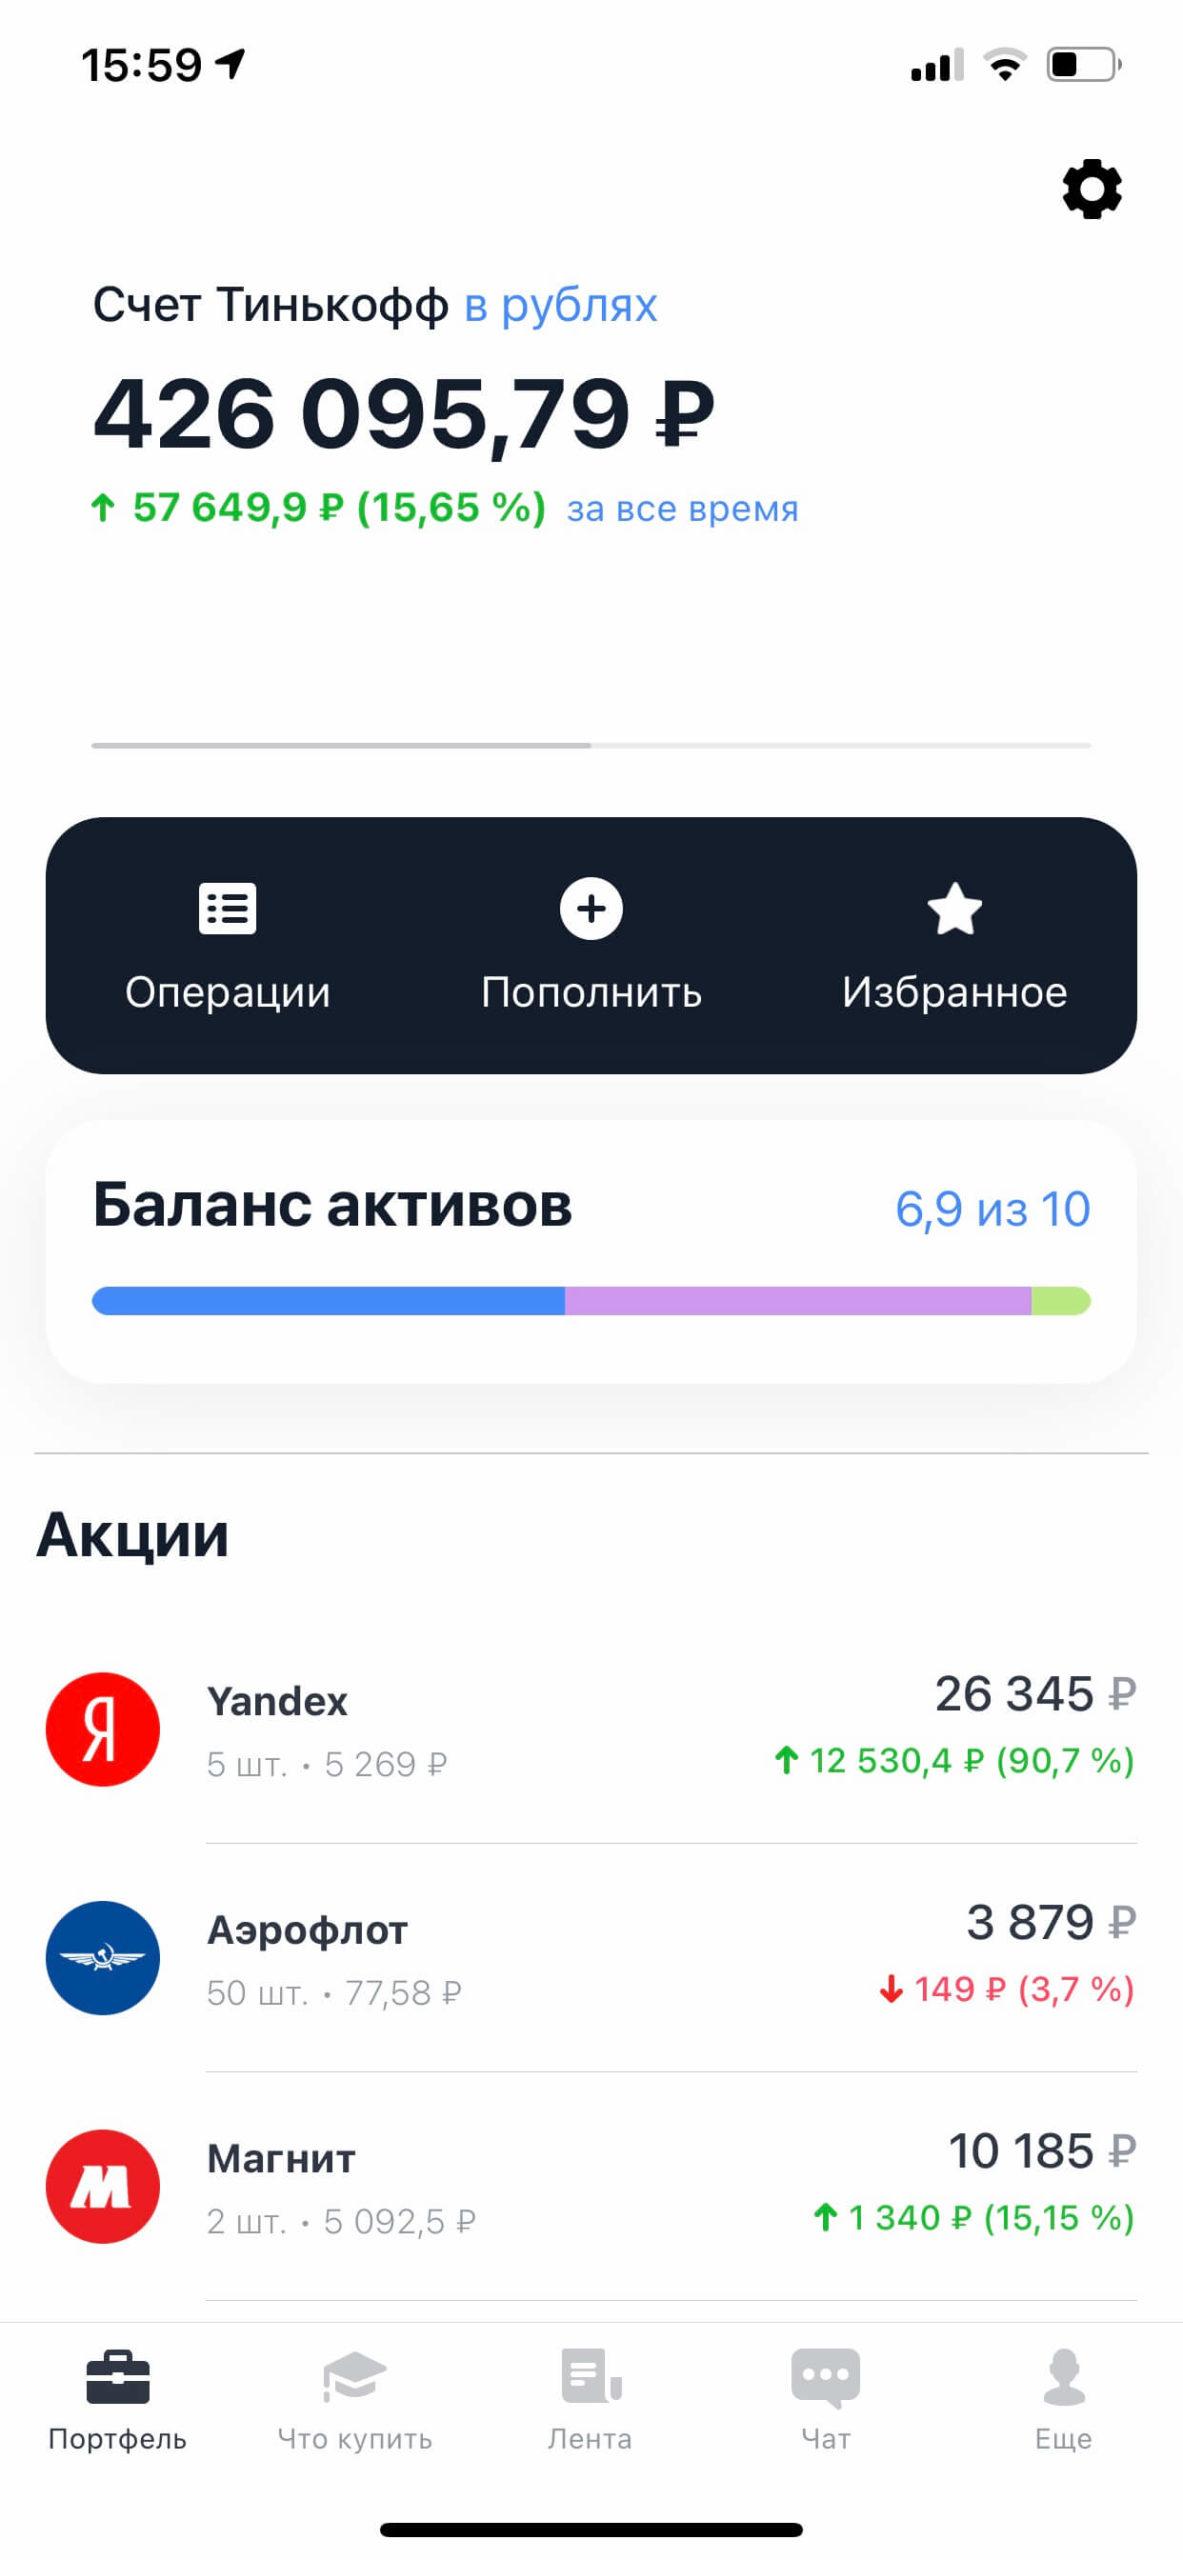 Мой инвестиционный портфель в российские акции и ETF фонды